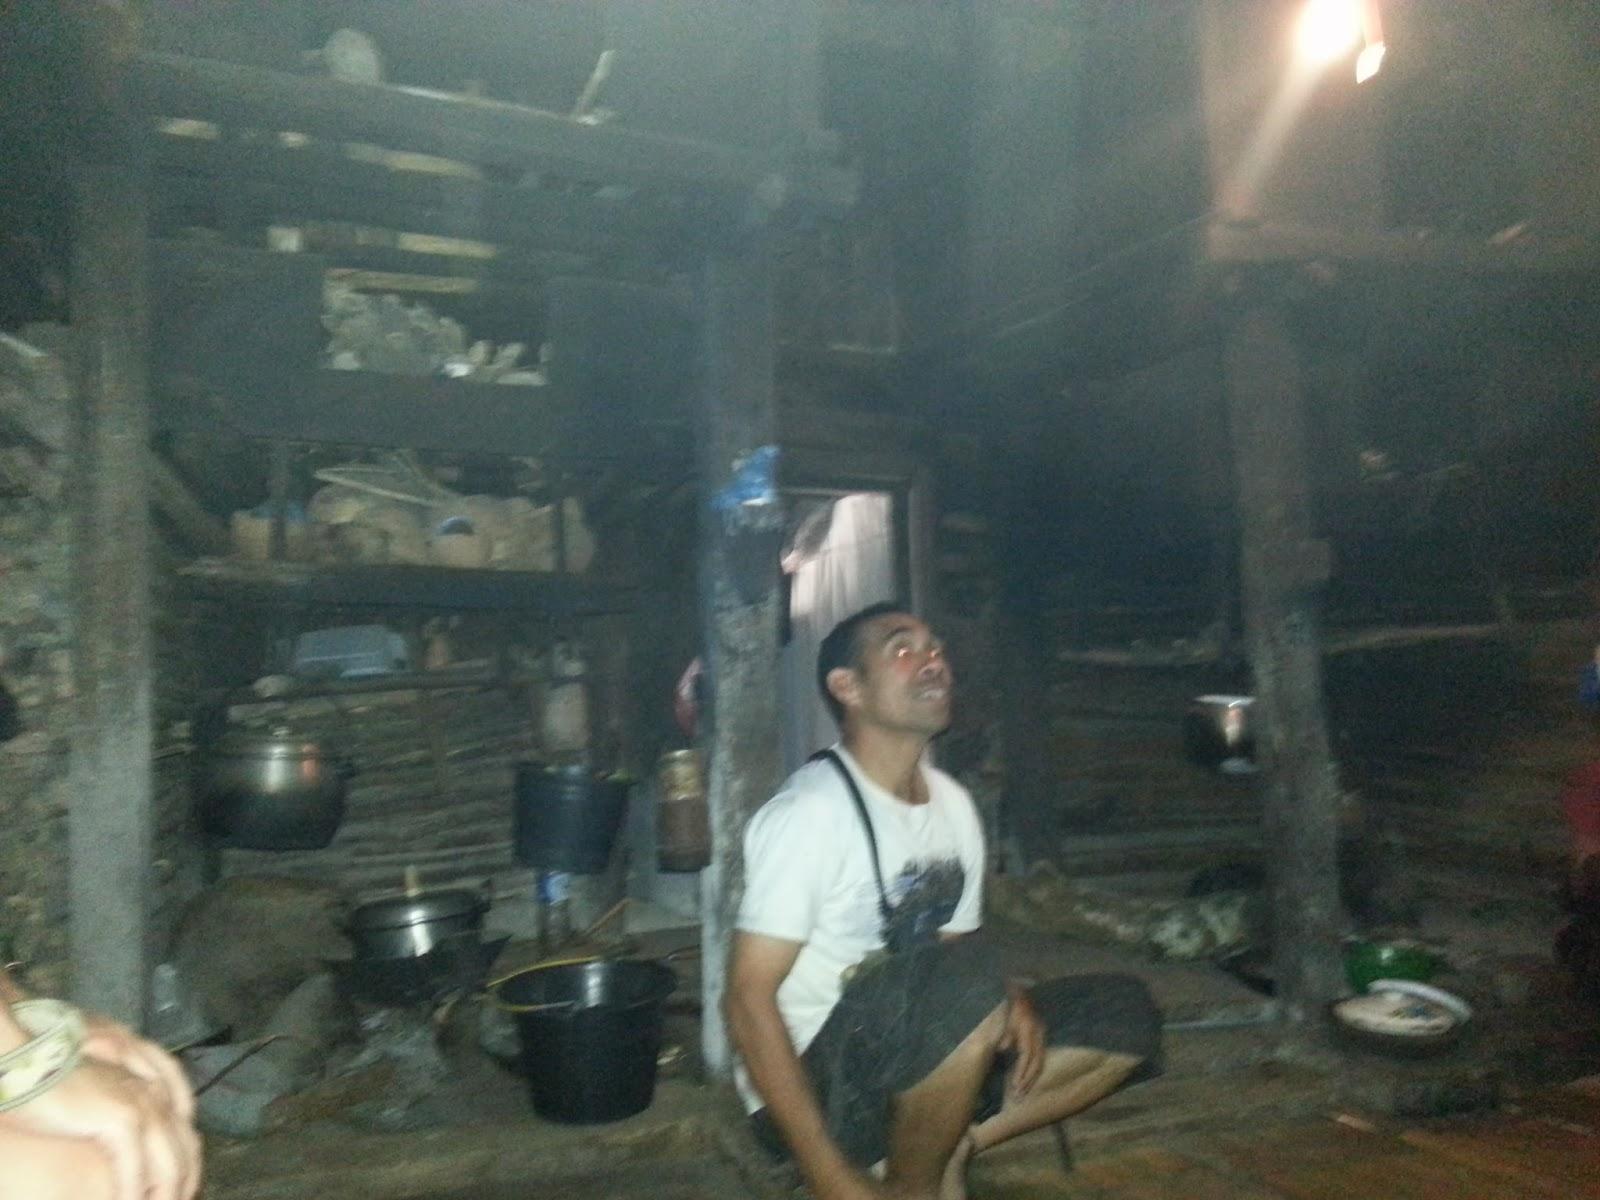 Giorni balinesi la sa o ria casa tradizionale dei lio di for Casa tradizionale giapponese significa